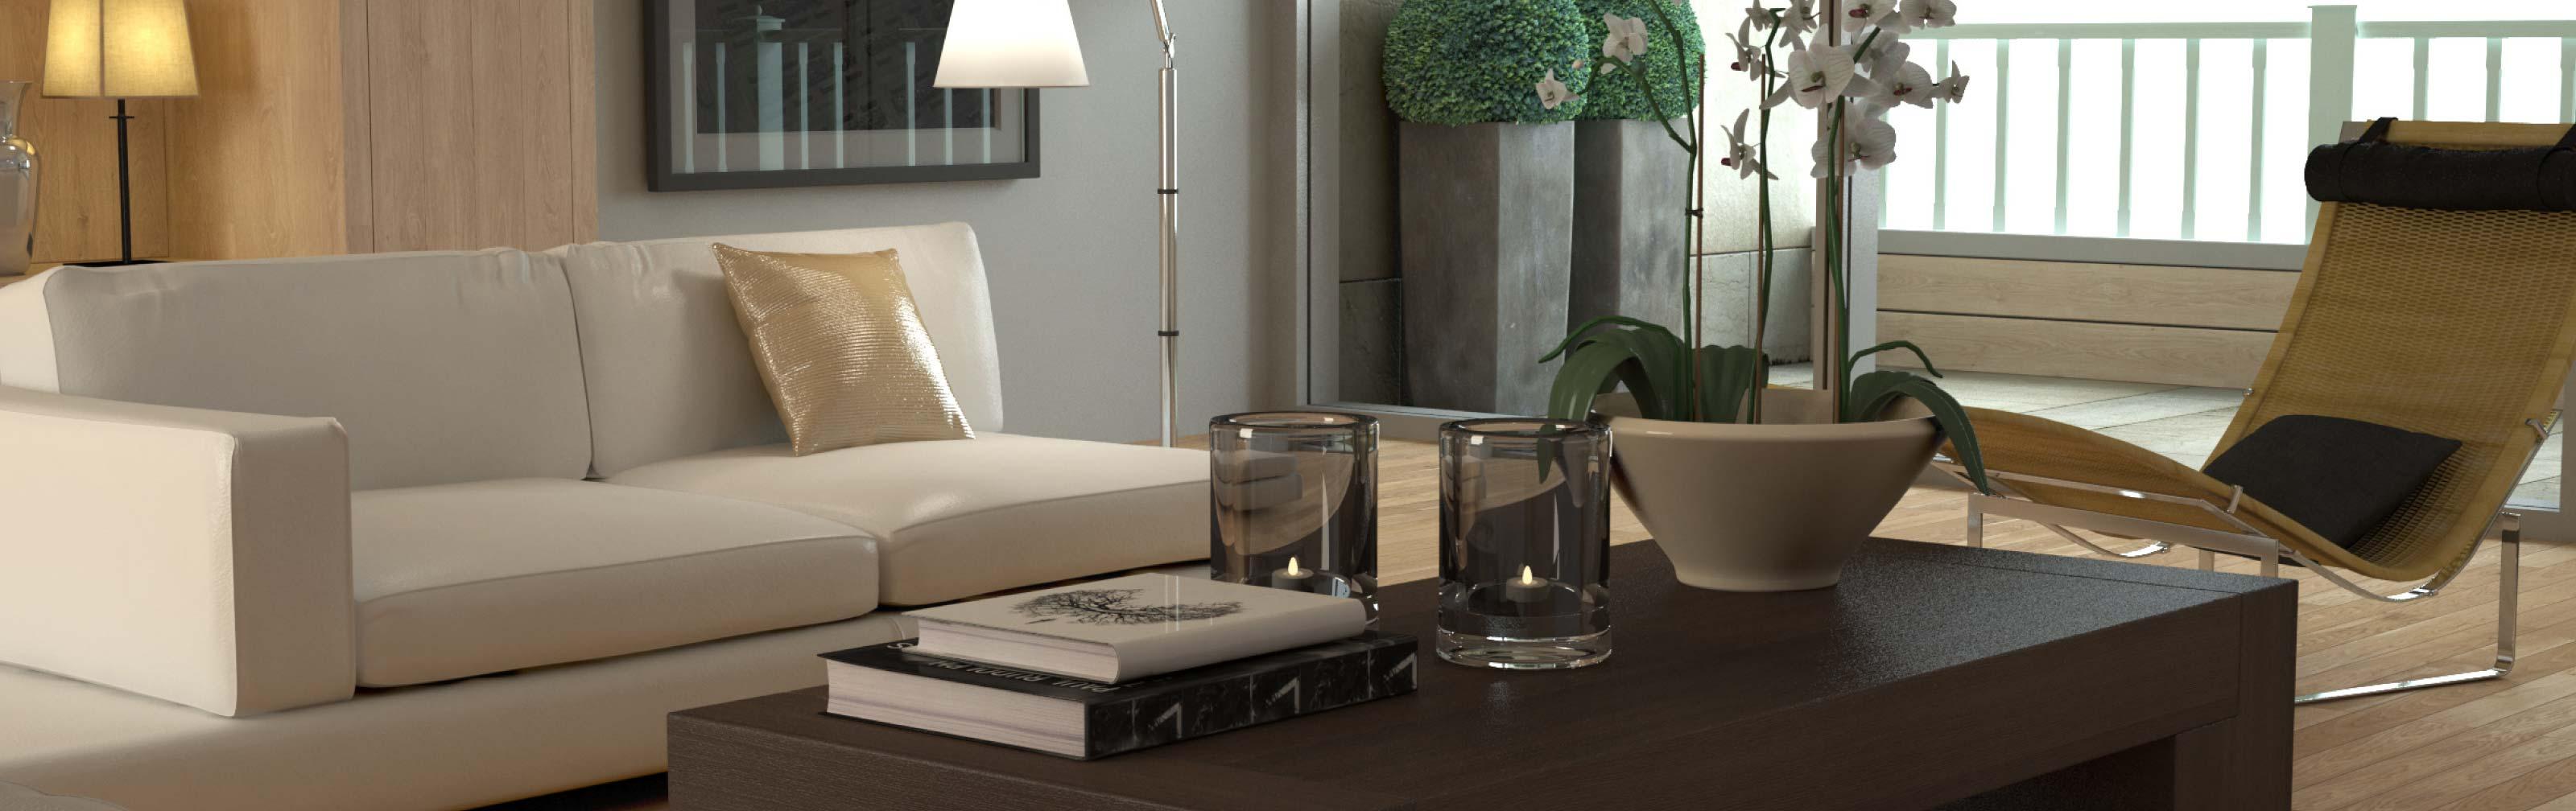 Kauf einer Immobilie, Ansicht Wohnzimmer